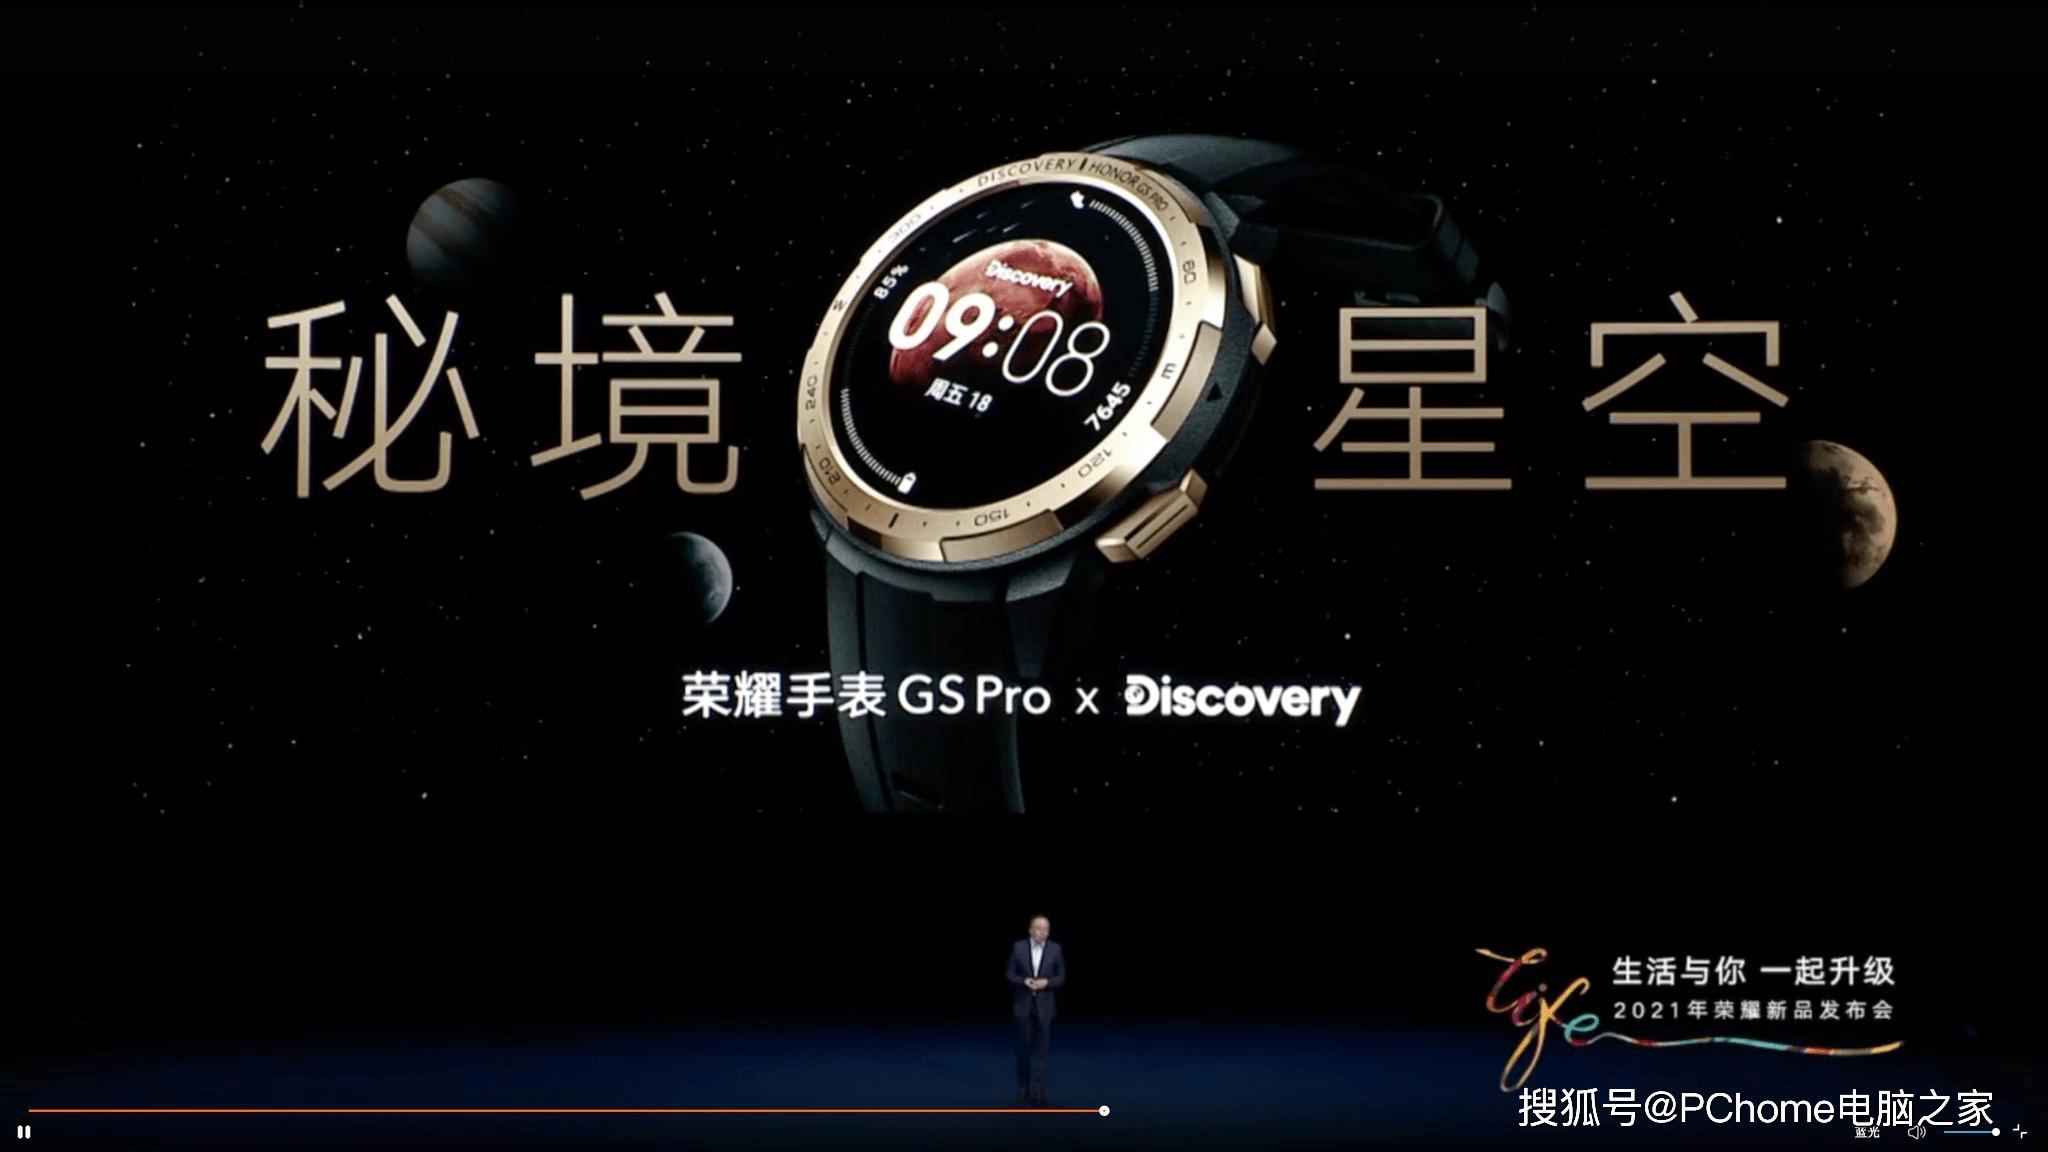 荣耀手表GS Pro秘境星空版发布 售价1399元